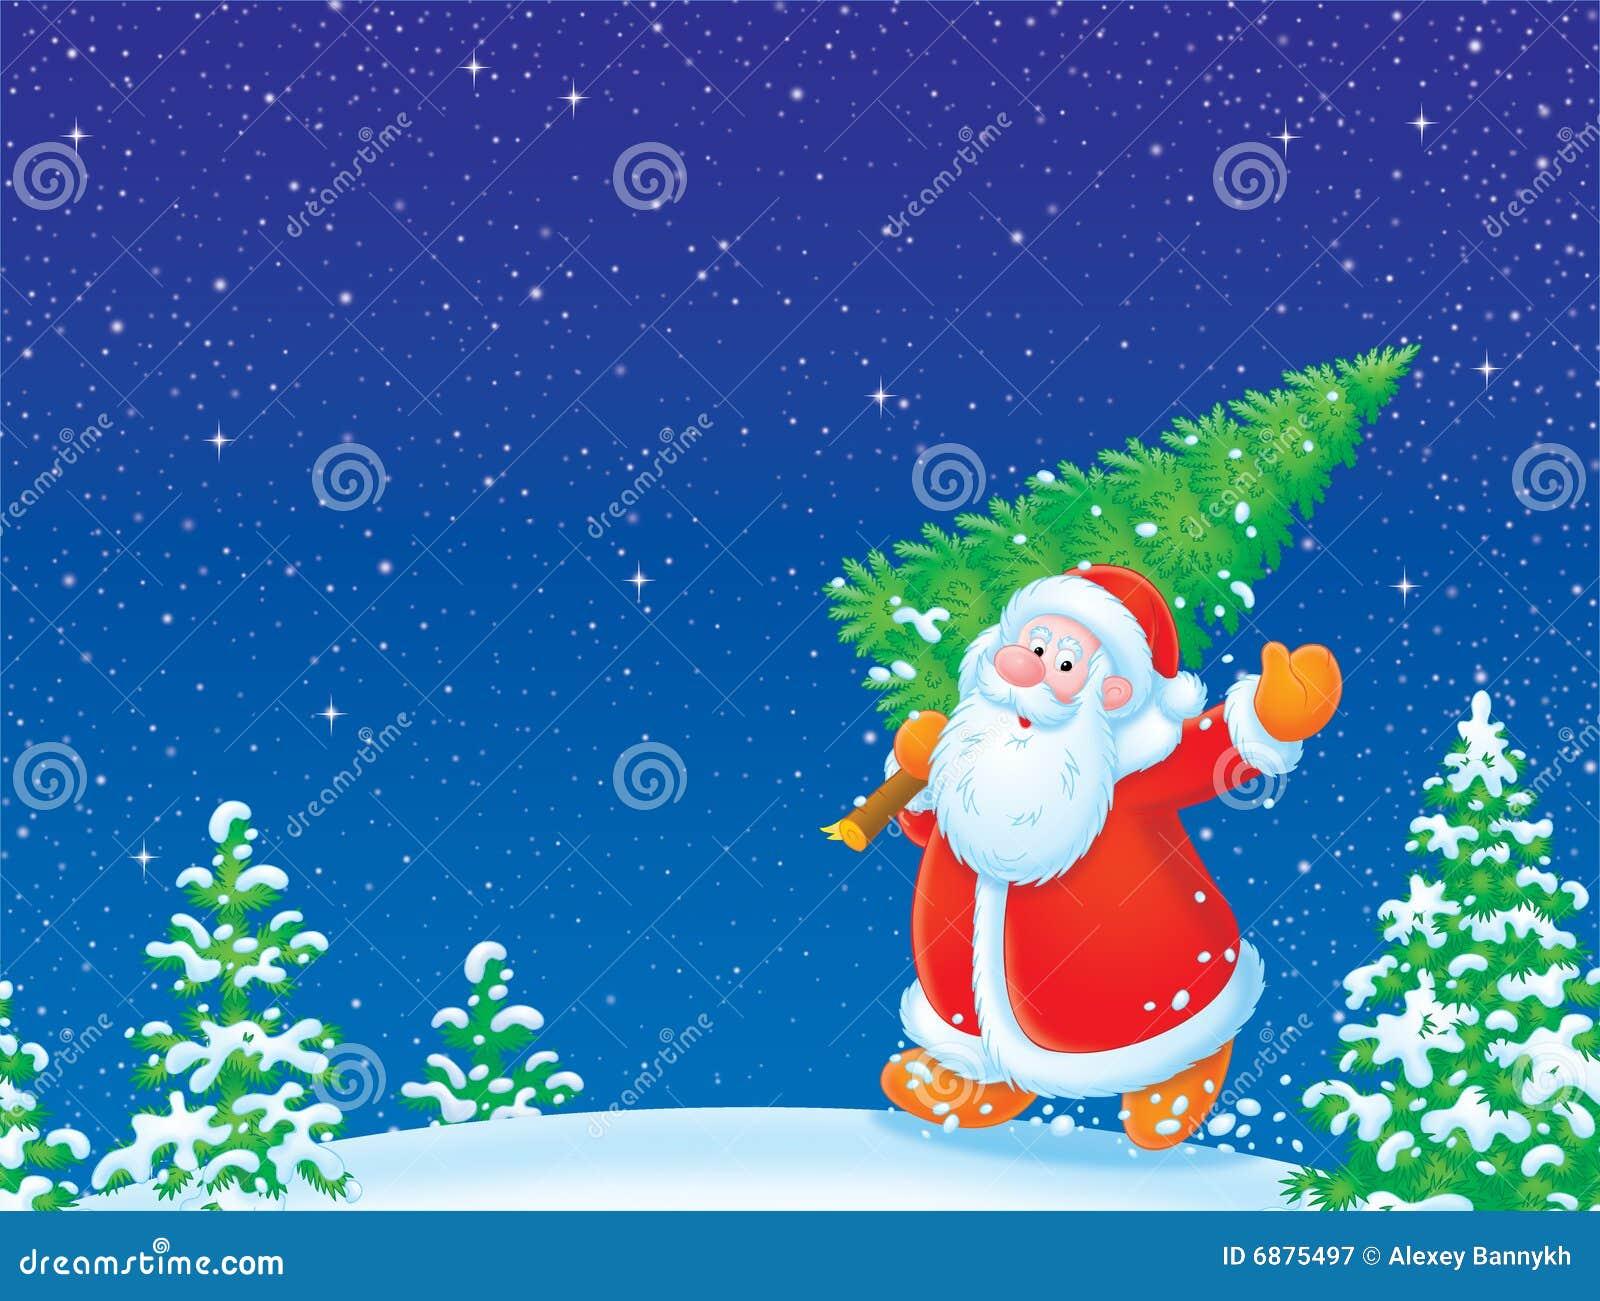 Albero Di Natale E Babbo Natale.Il Babbo Natale Con L Albero Di Natale Illustrazione Di Stock Illustrazione Di Claus Mano 6875497